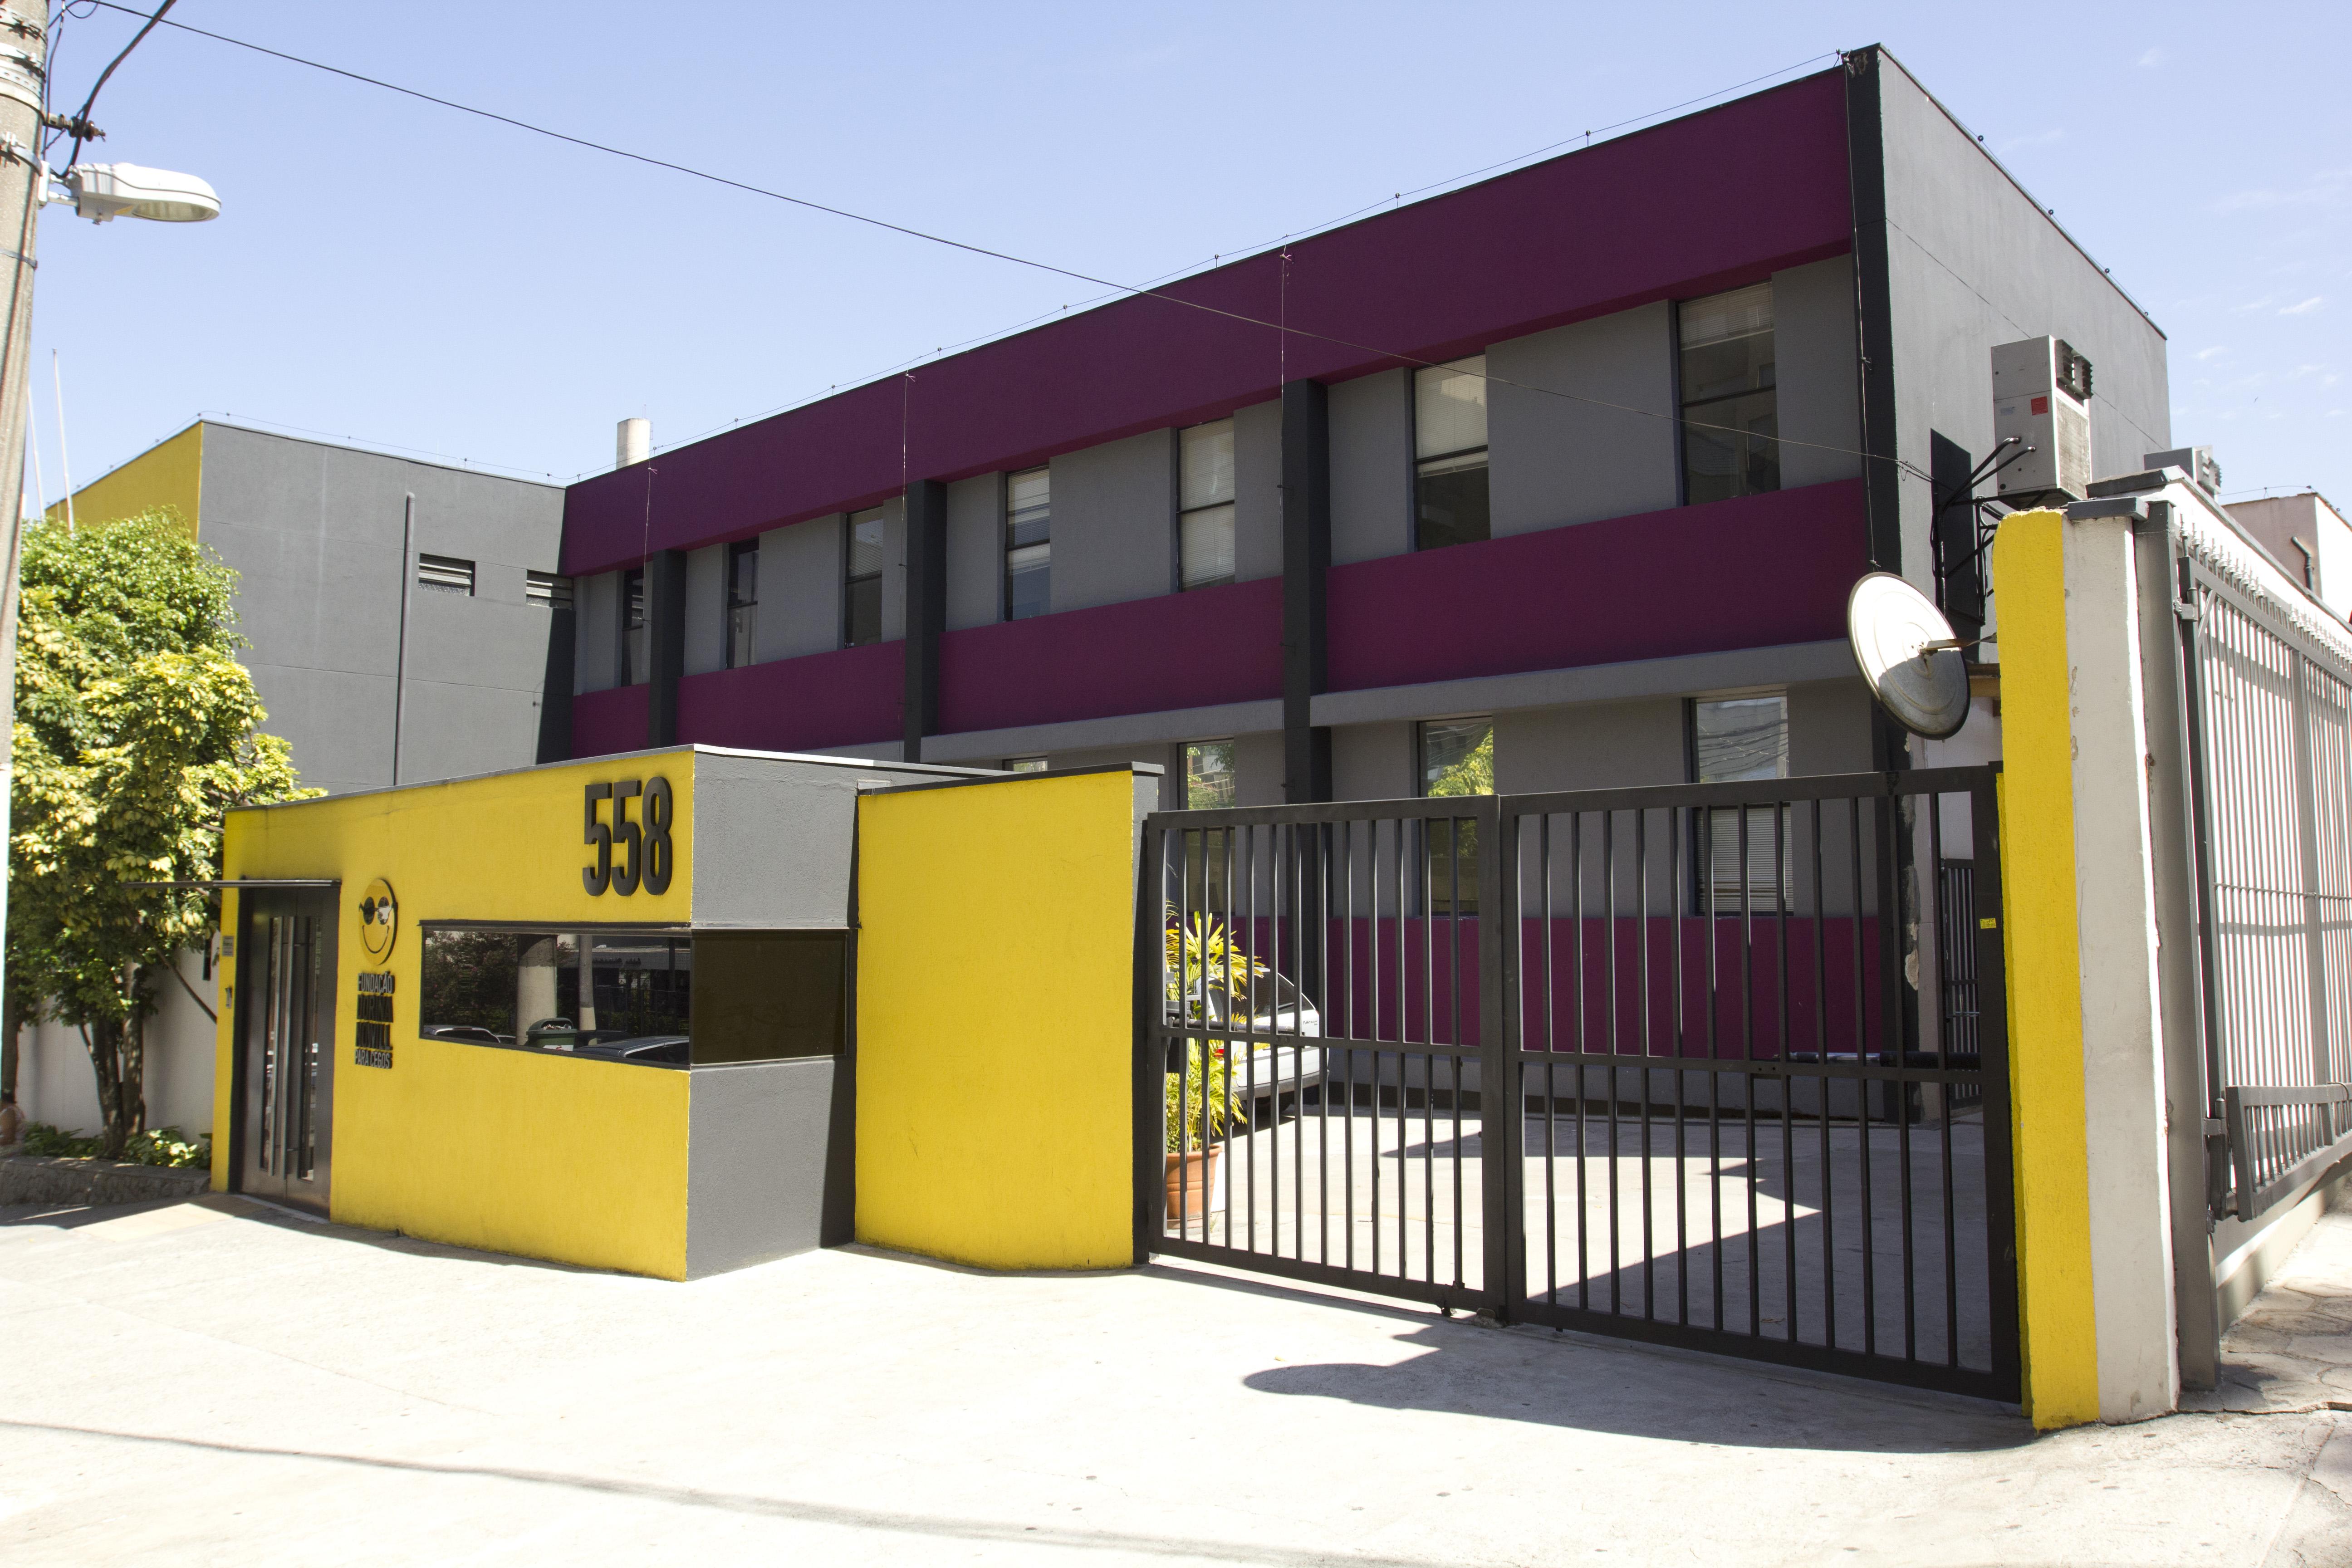 Foto da atual fachada da Fundação Dorina, com destaque para as cores amarela, cinza roxa, com o logotipo da Fundação e o número do prédio em relevos, fixados na parede. de entrada.